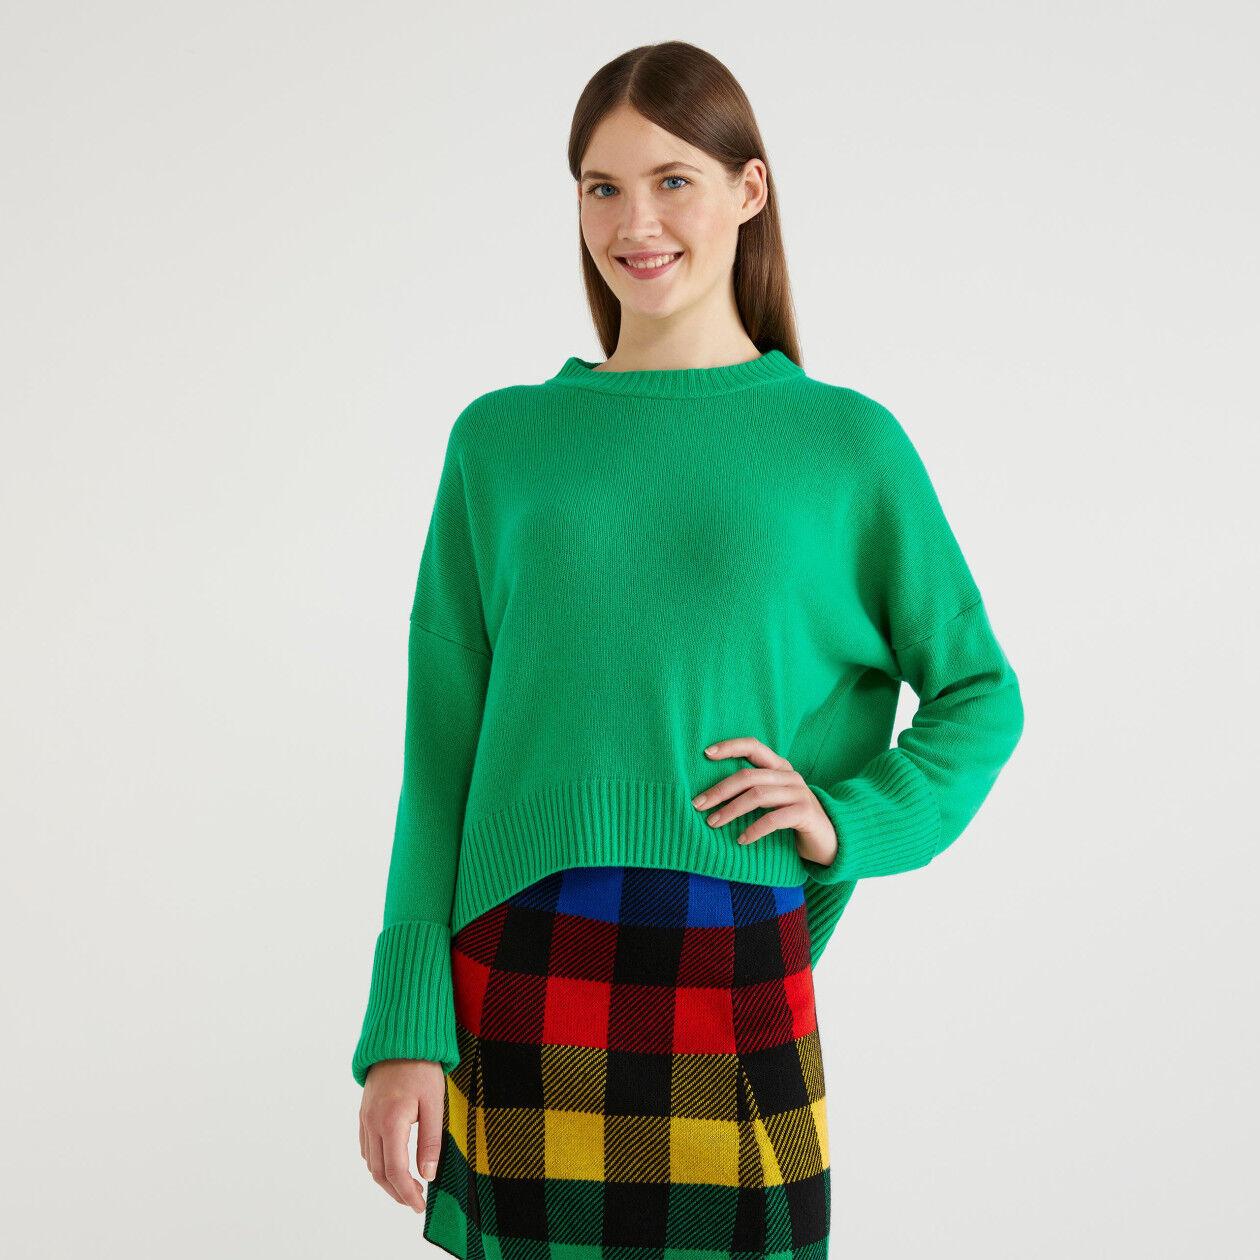 Camisola em mescla de lã